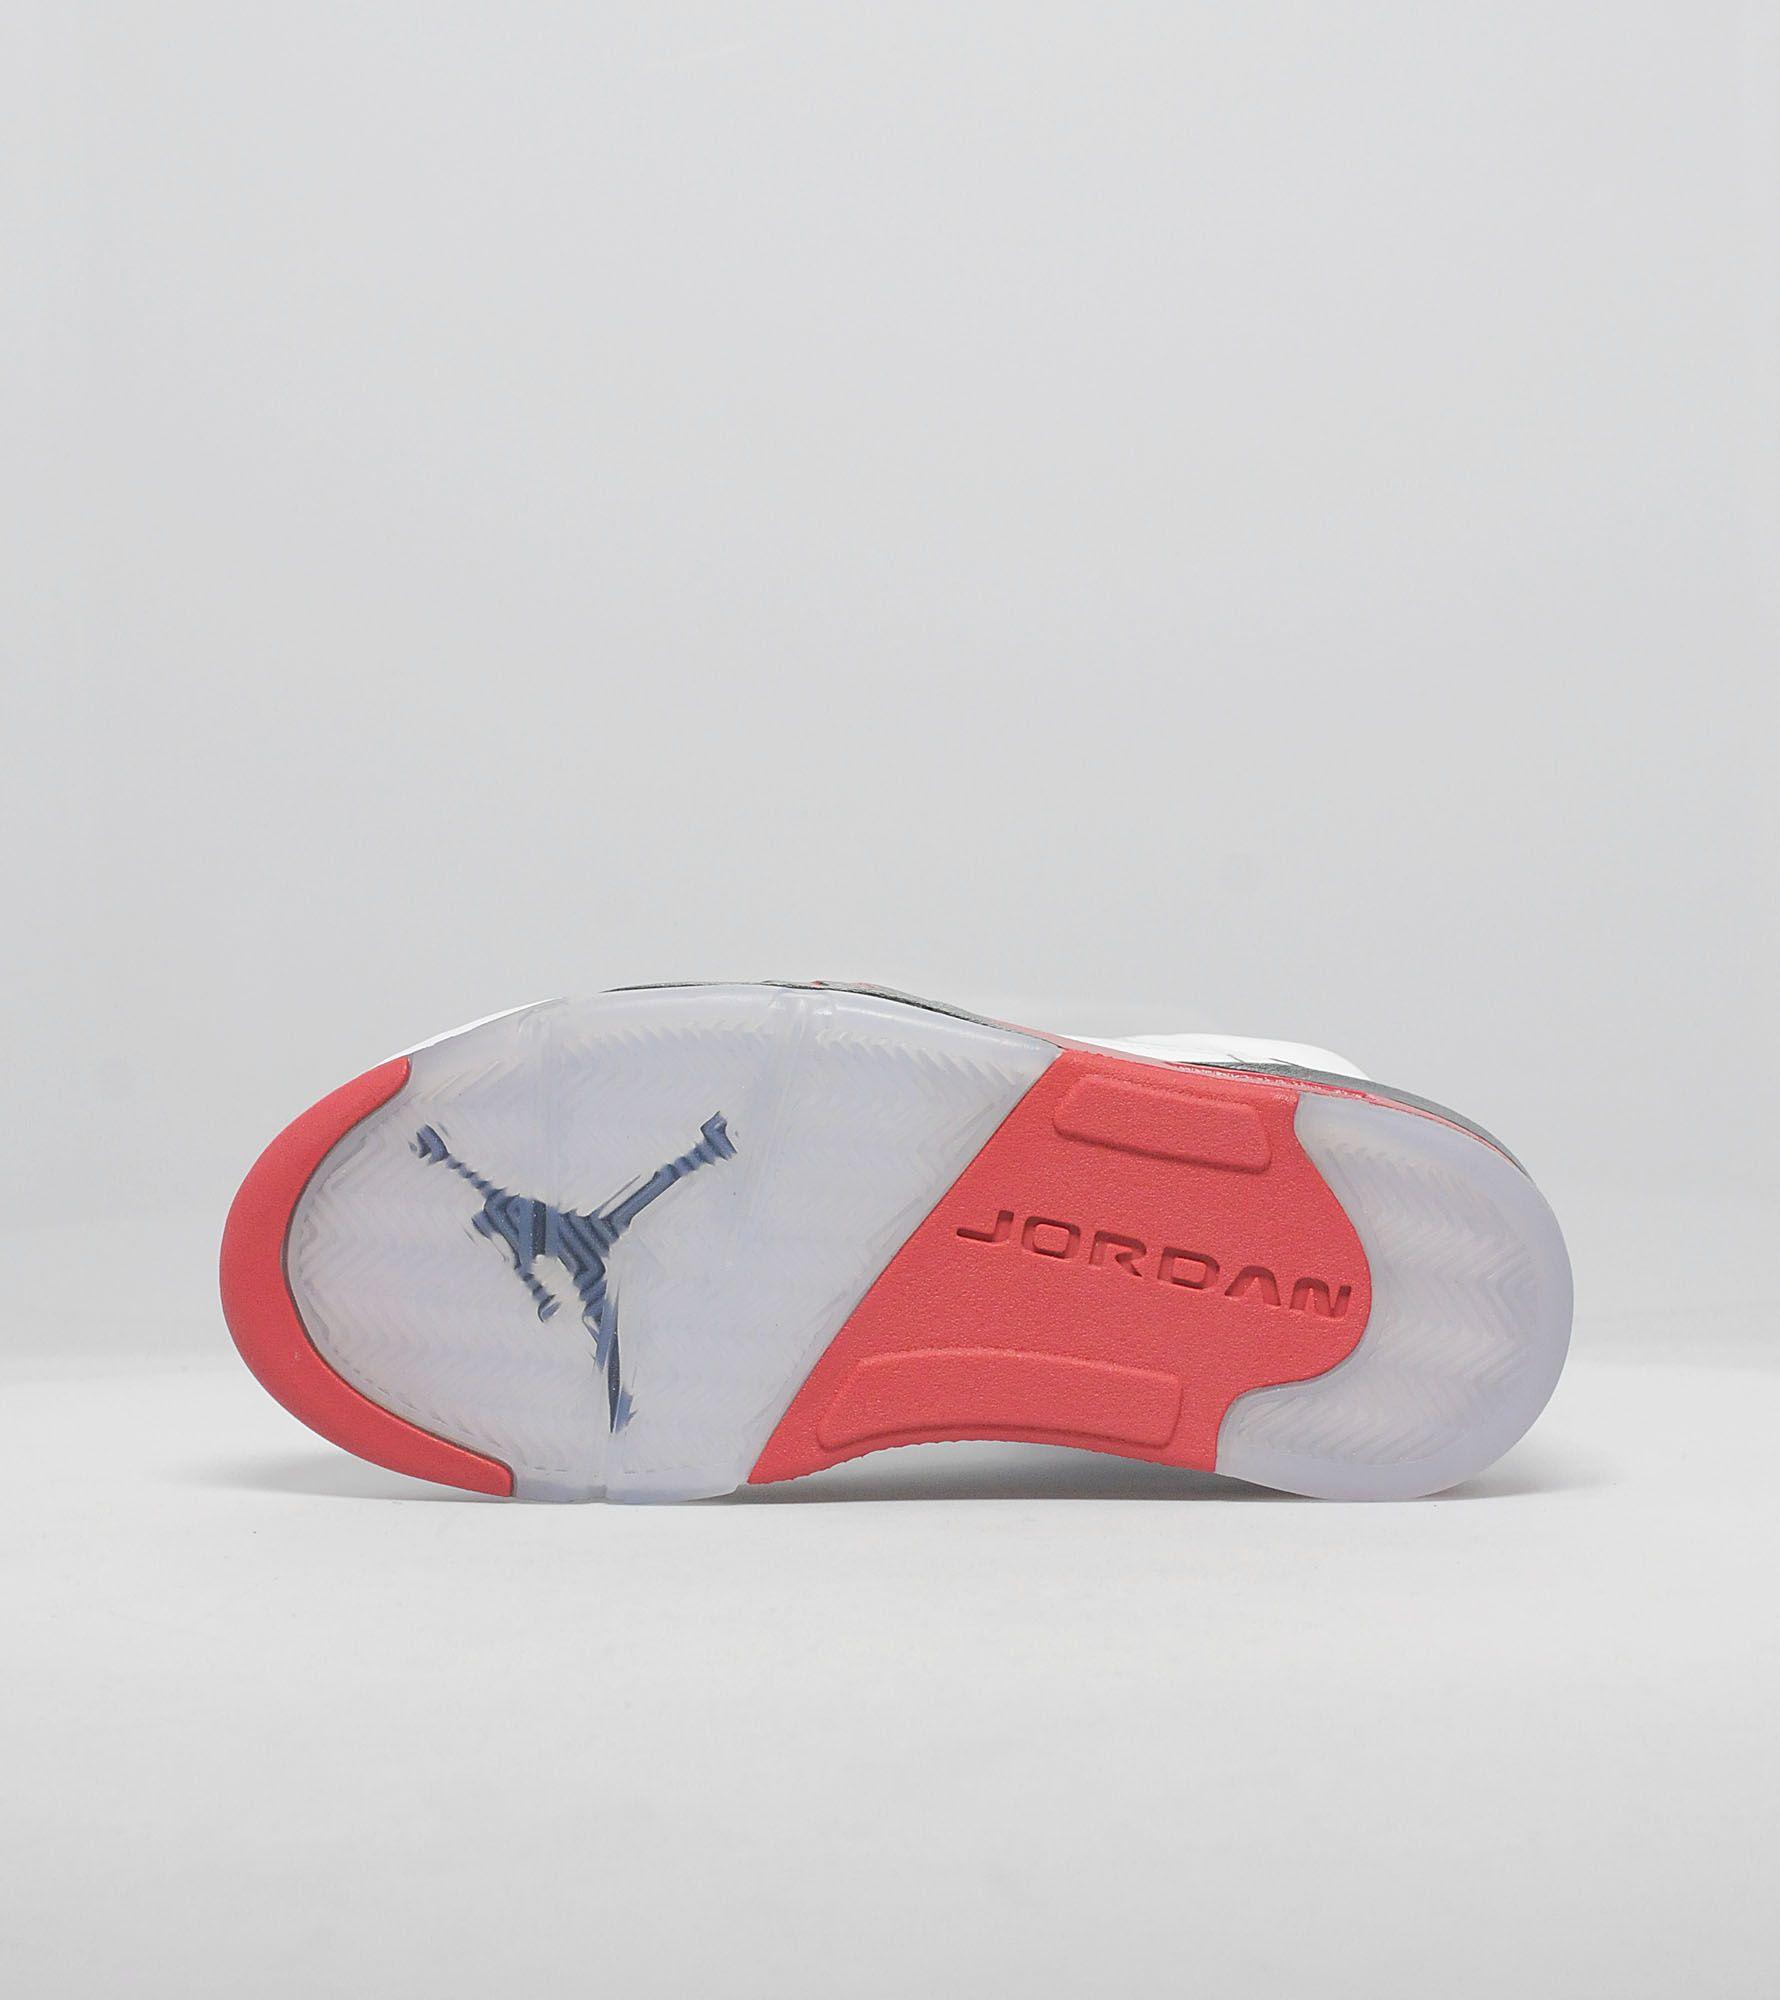 Jordan V 'Fire Red'